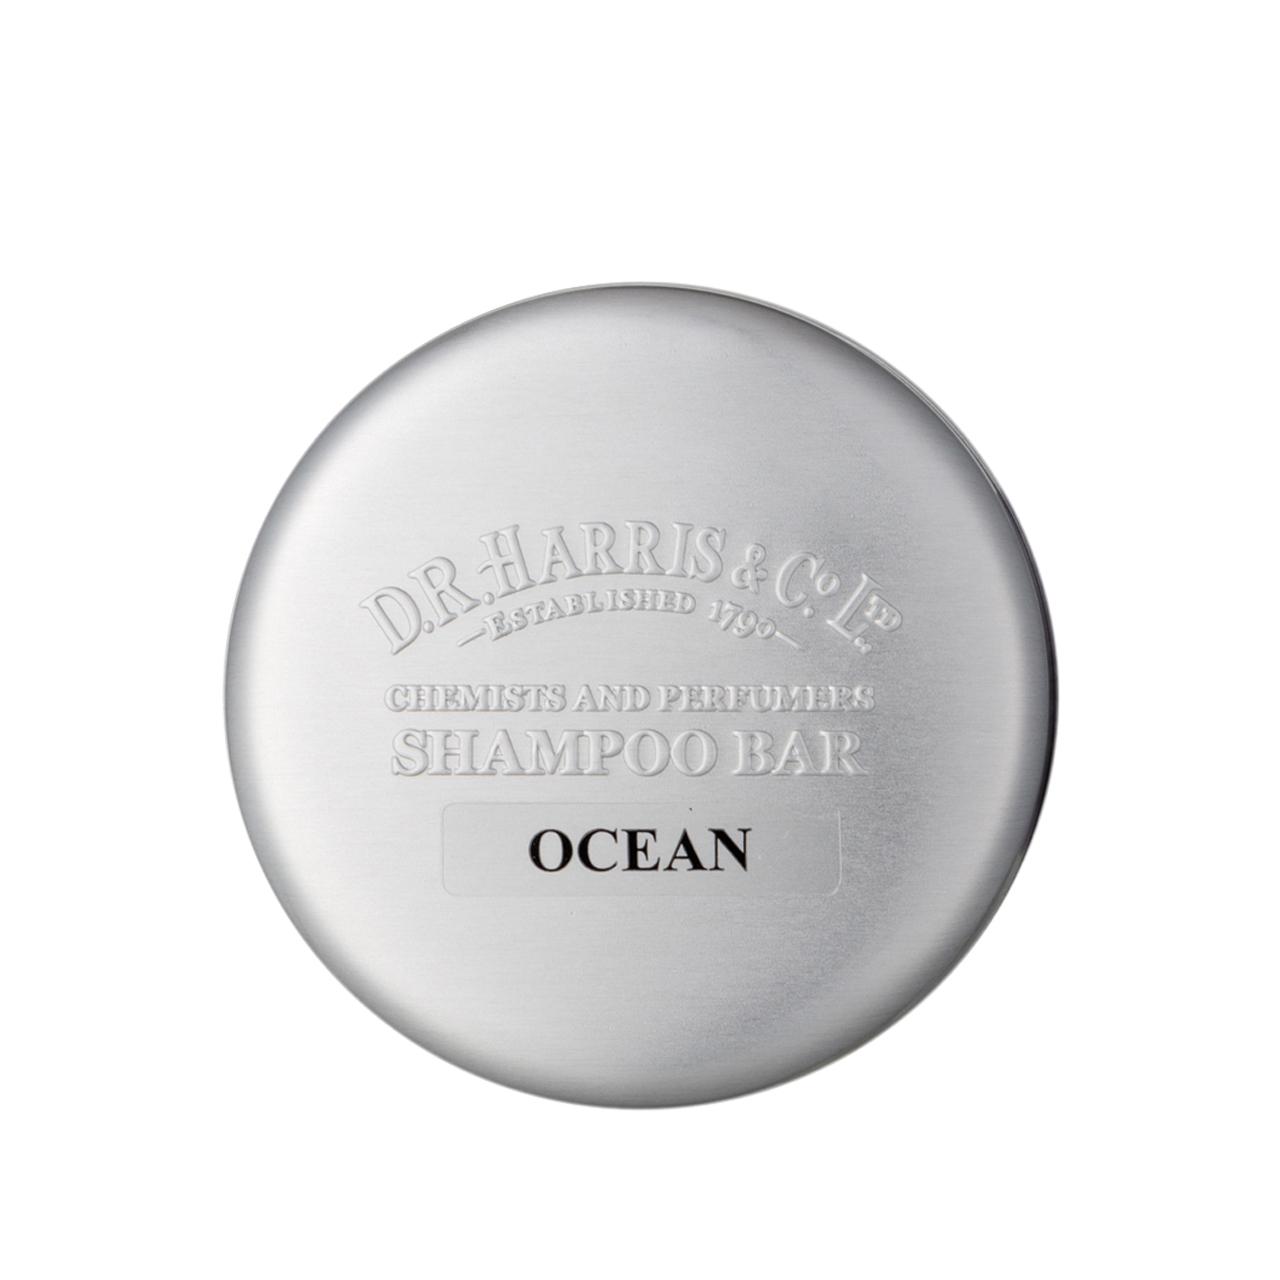 Ocean - Shampoo Bar